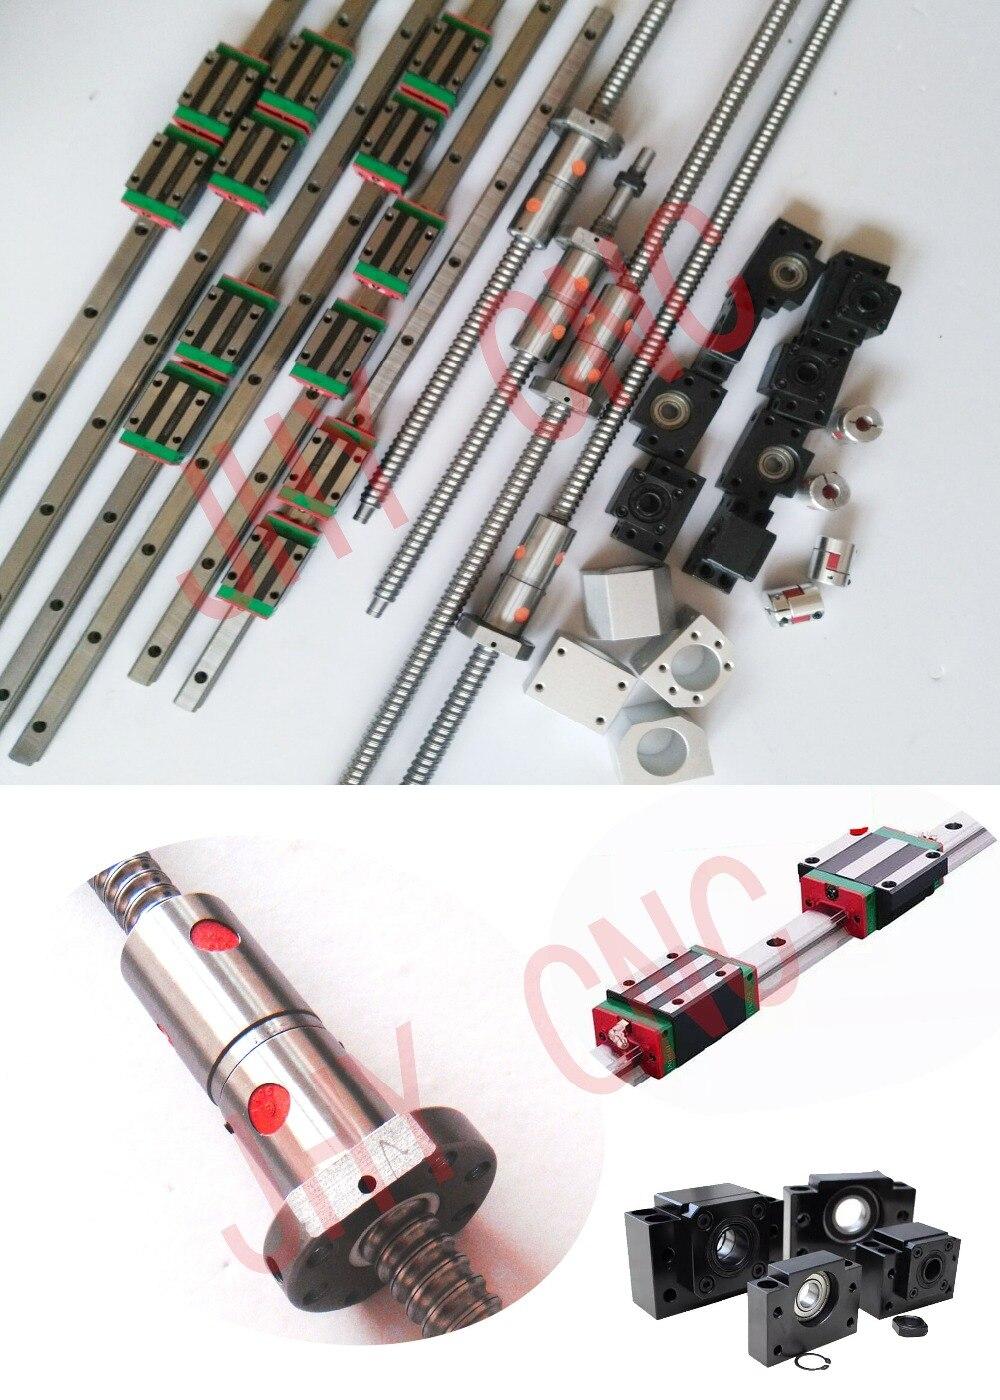 20 мм JHY линейной направляющей вагонов, DFU2005 мяч винты с двойным BALLNUT и 3kw шпинделя двигателя набор (обратитесь к описание)